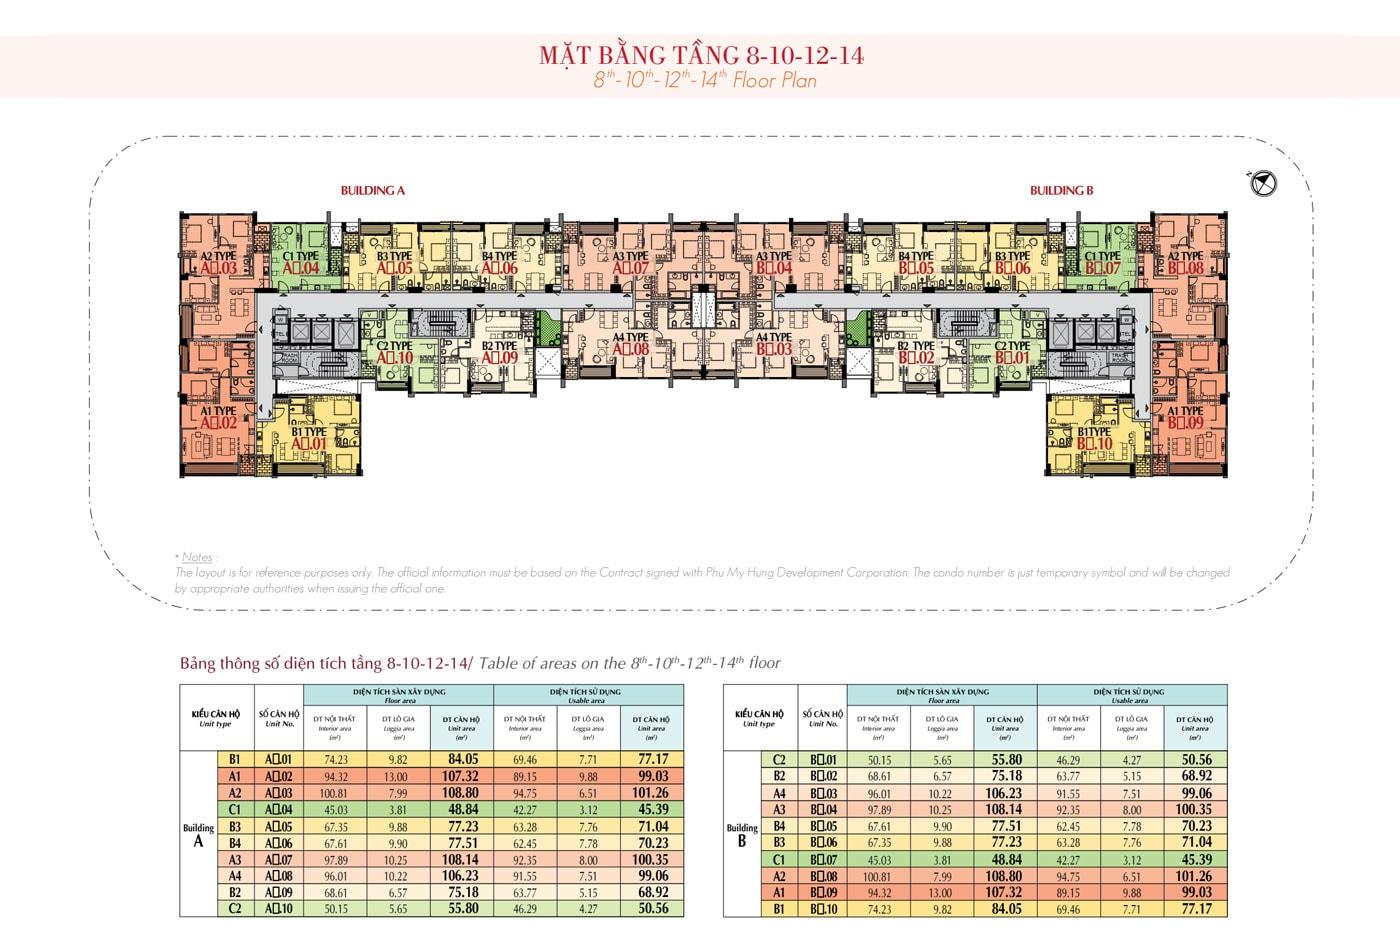 Mặt bằng tầng 8 -10 - 12 -14 The Ascentia Phú Mỹ Hưng